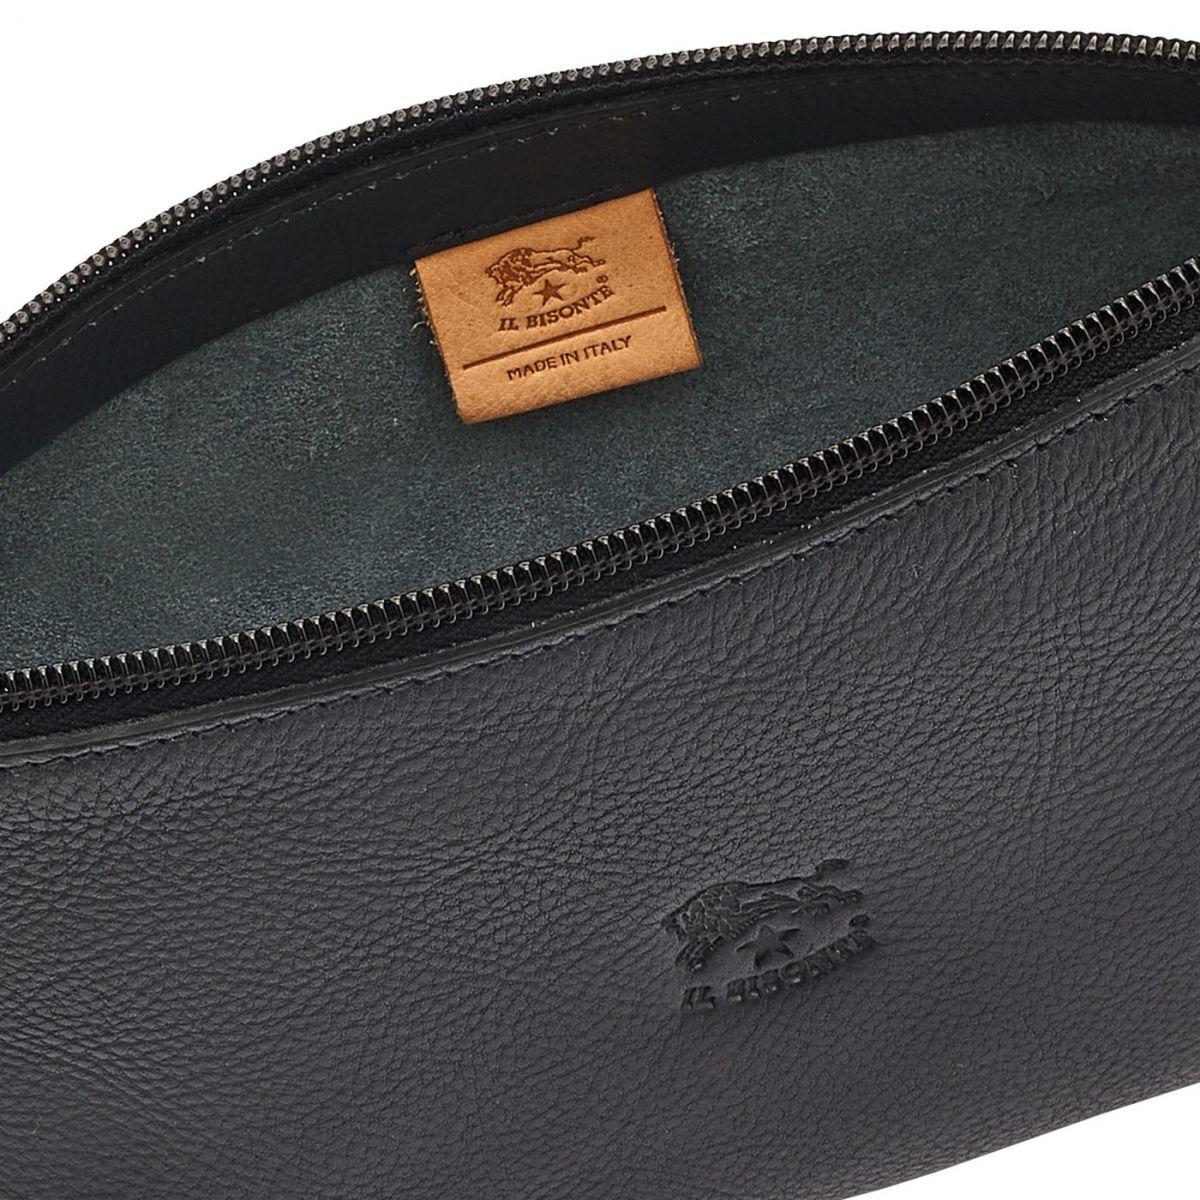 Lucia - Women's Shoulder Bag in Cowhide Leather color Blue - Salina line BSH091 | Details